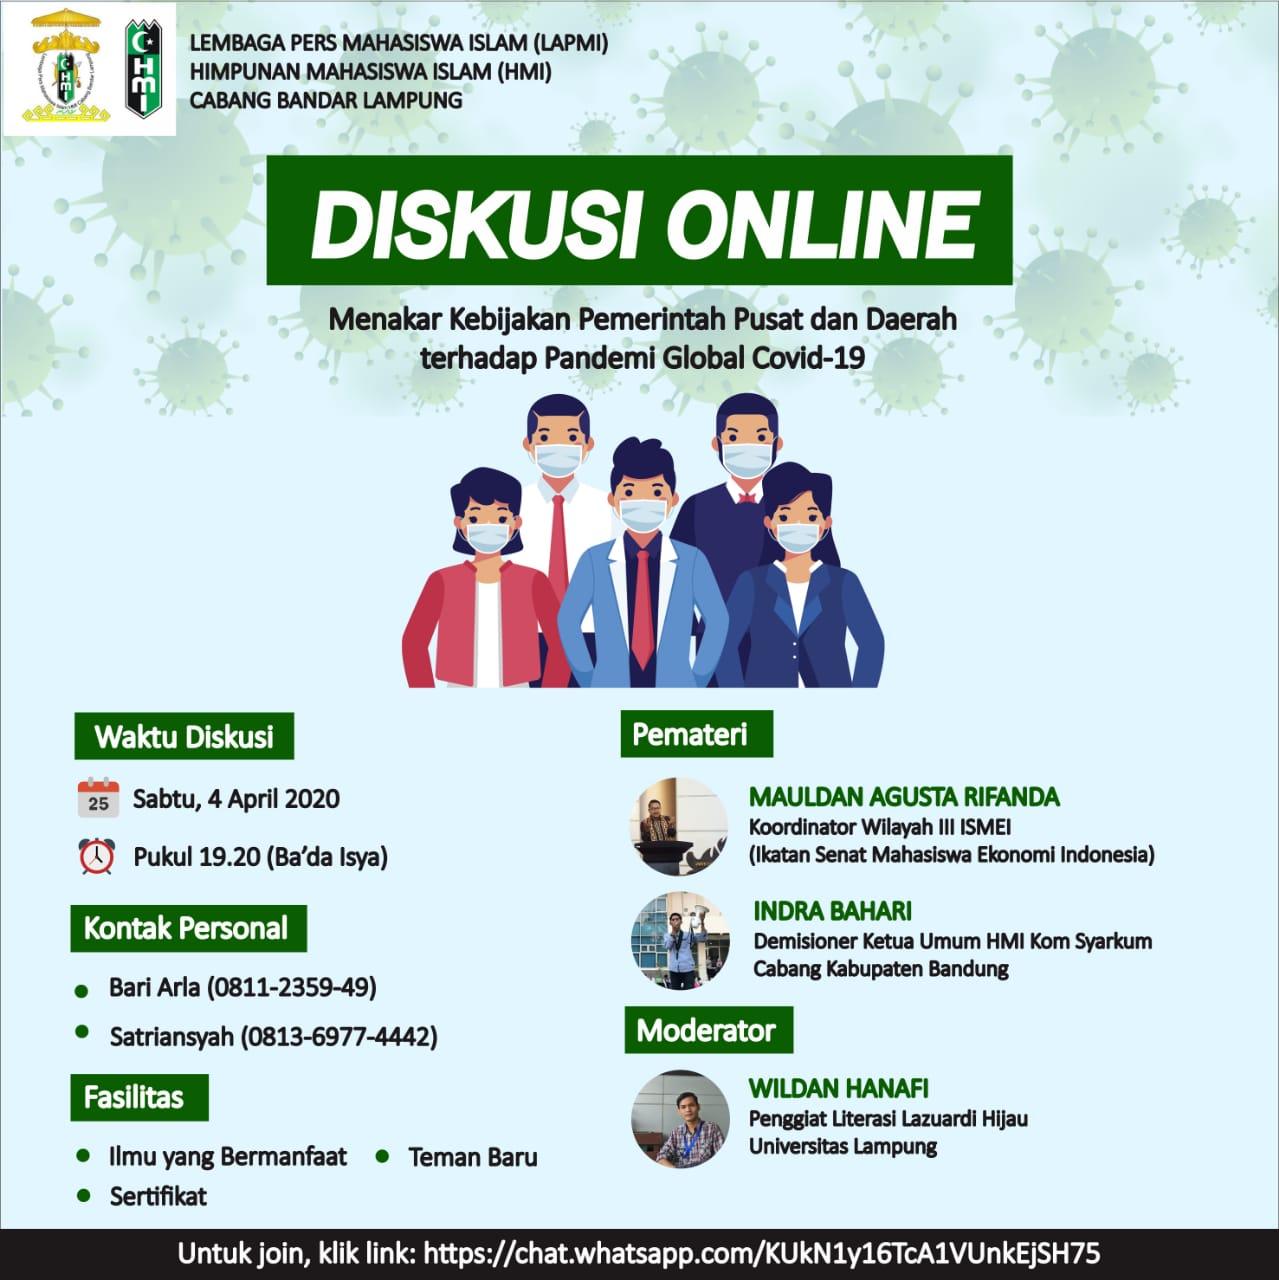 Diskusi Online Mahasiswa Indonesia, Menakar Kebijakan Pemerintah Soal Covid-19